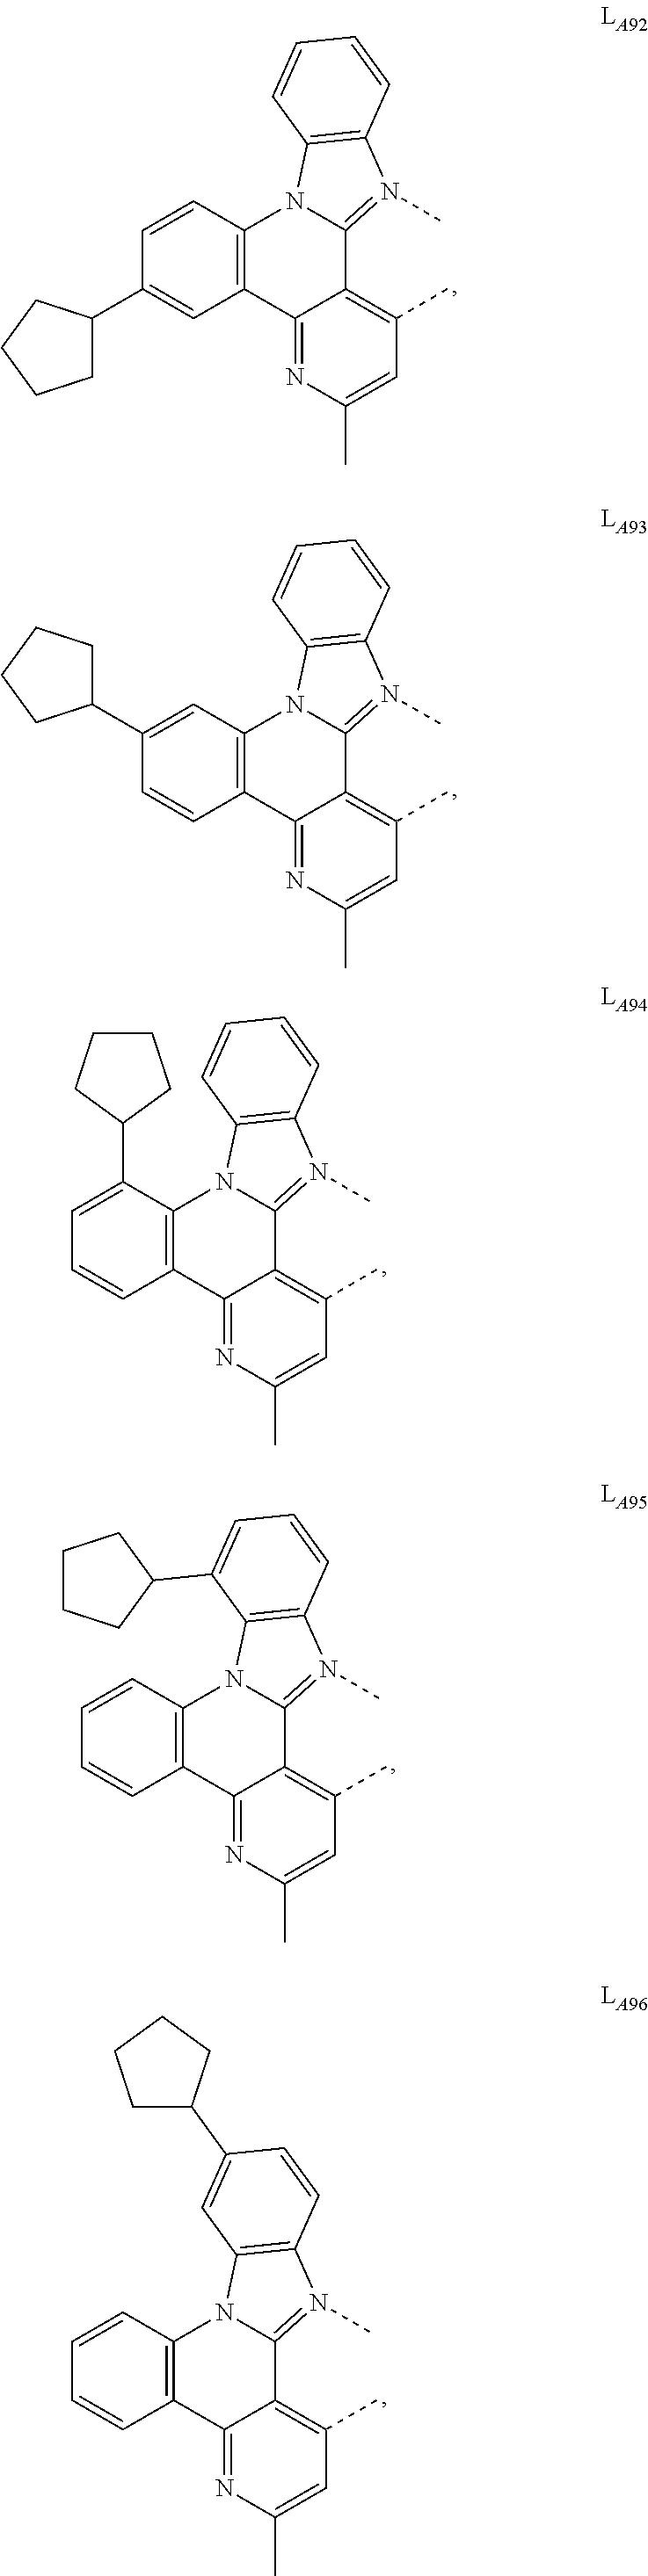 Figure US09905785-20180227-C00046